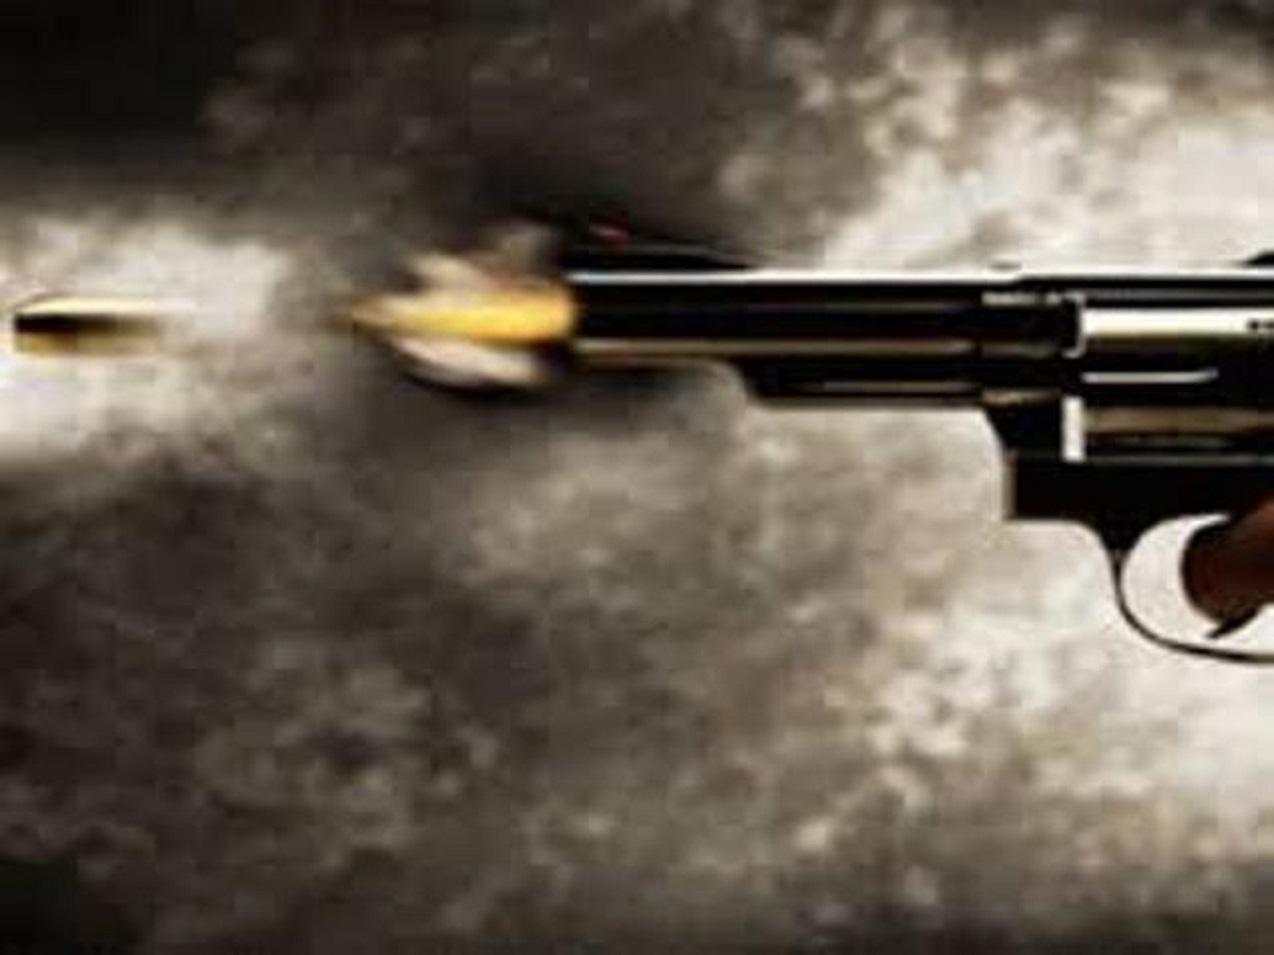 दिल्लीको अदालतभित्रै गोली चल्दा तीन जनाको मृत्यु